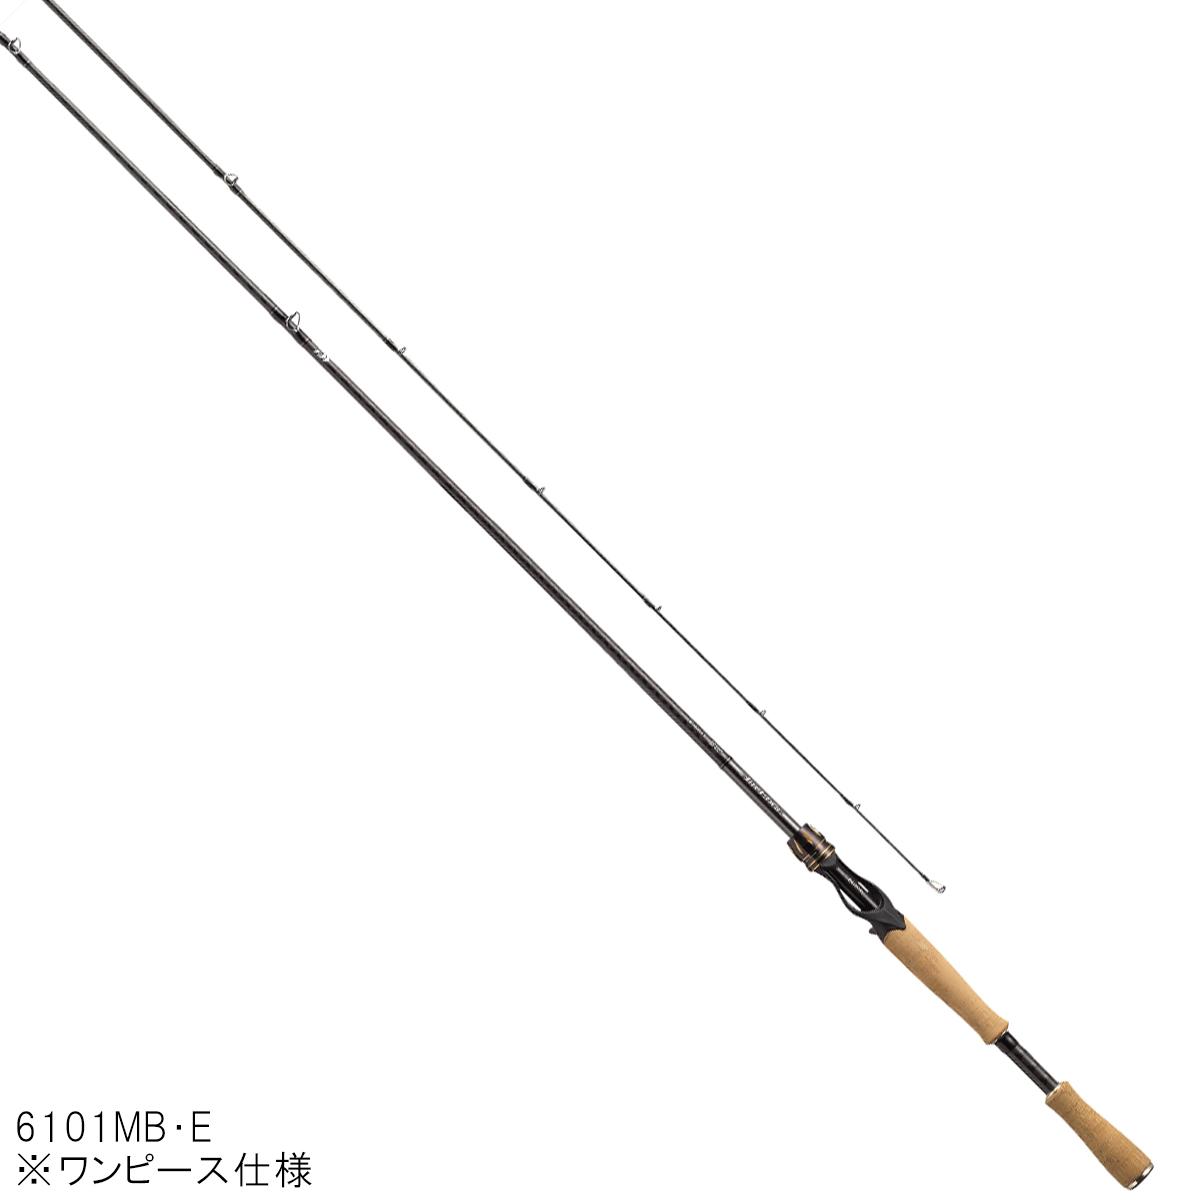 ダイワ エアエッジ ベイトキャスティングモデル 6101MB・E【大型商品】